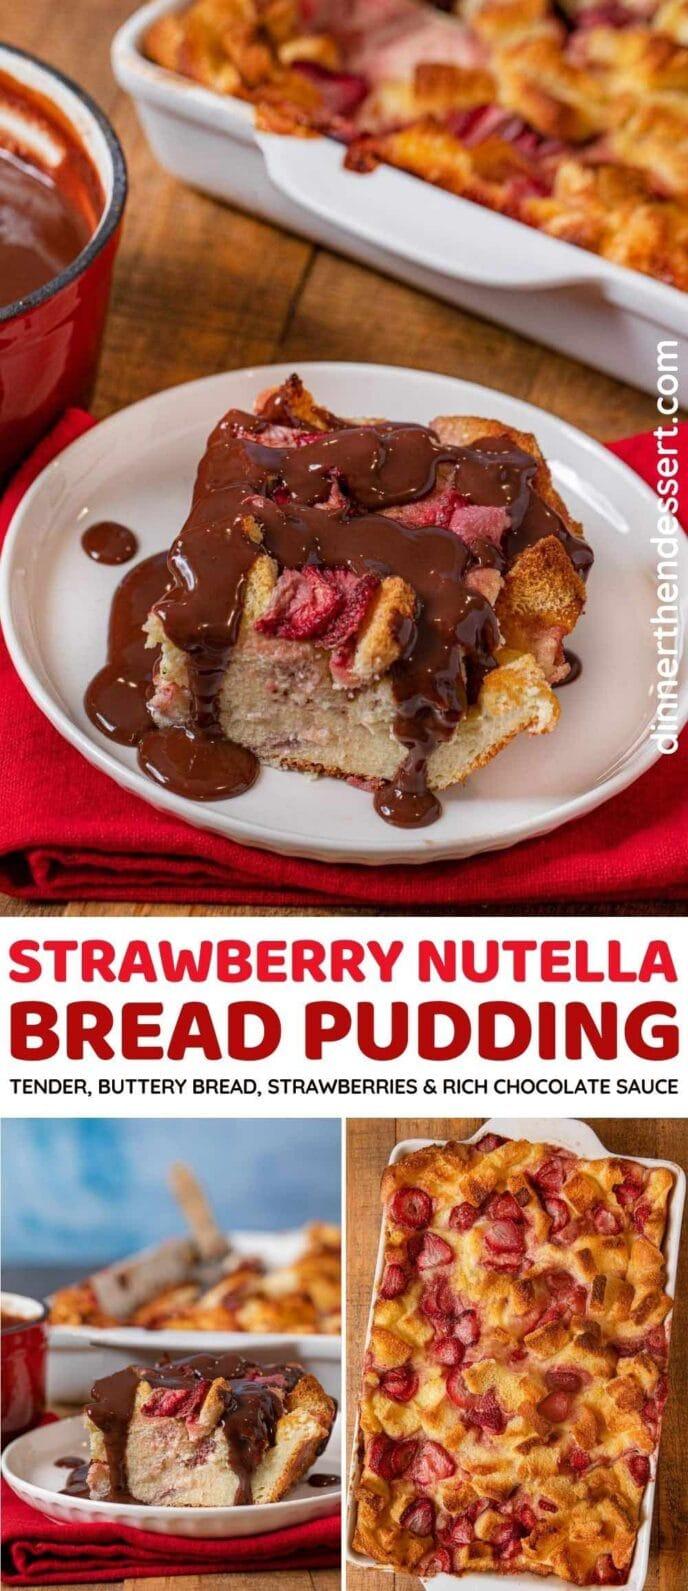 Strawberry Nutella Bread Pudding collage